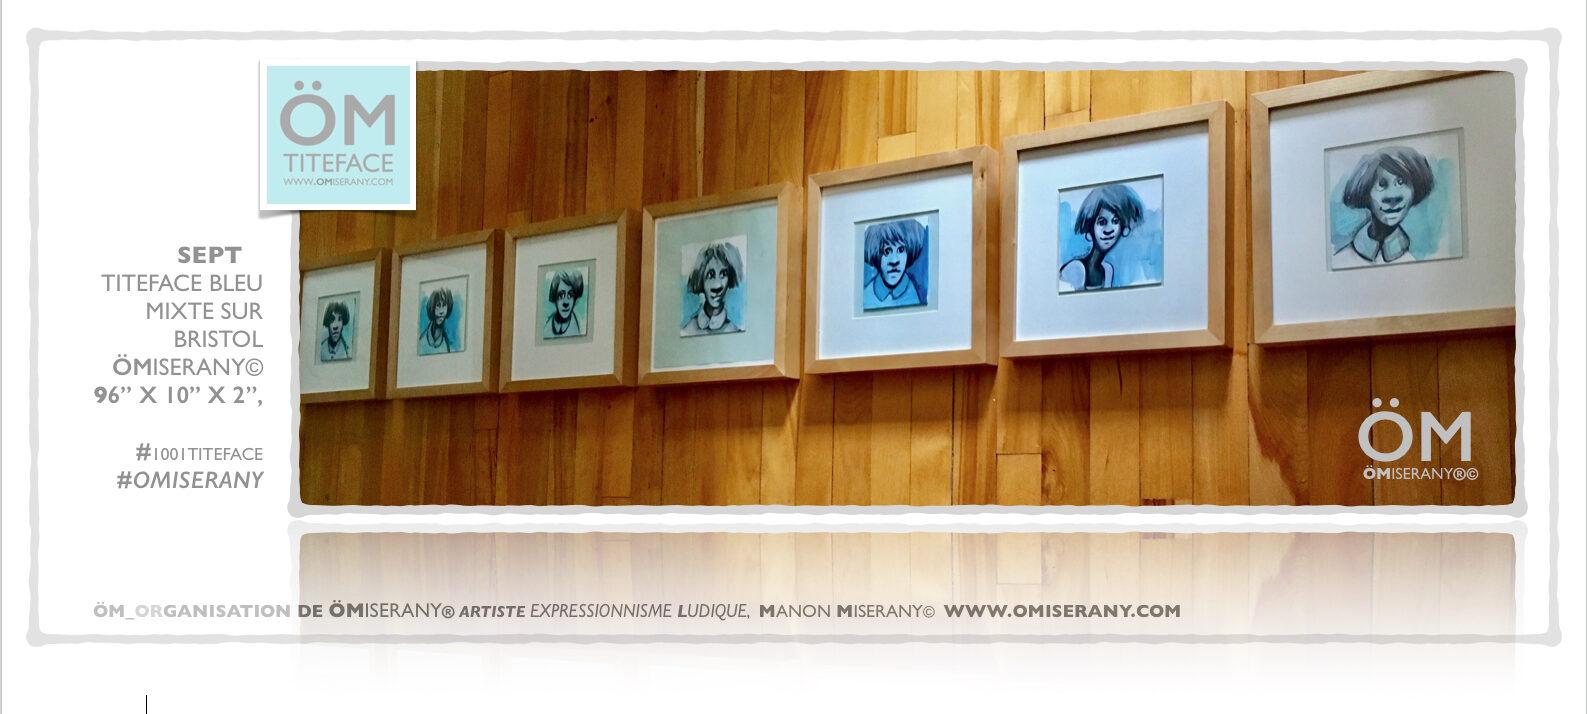 page de présentation ÖM_ORganisation- titeface-bleu les sept